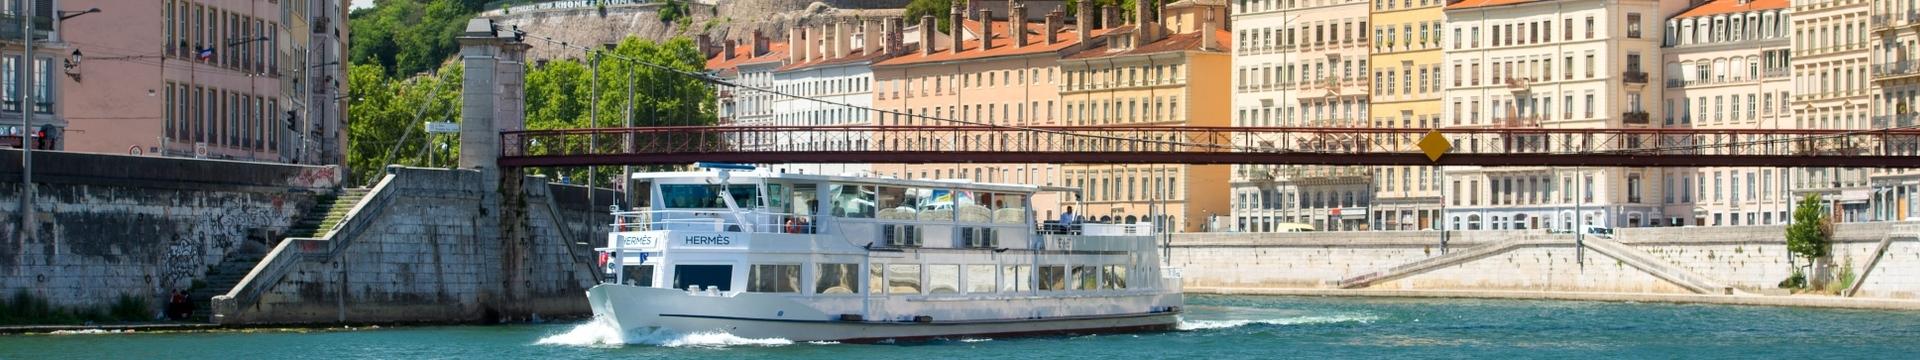 l'Hermès, croisière restaurant des bateaux lyonnais sur la Saône